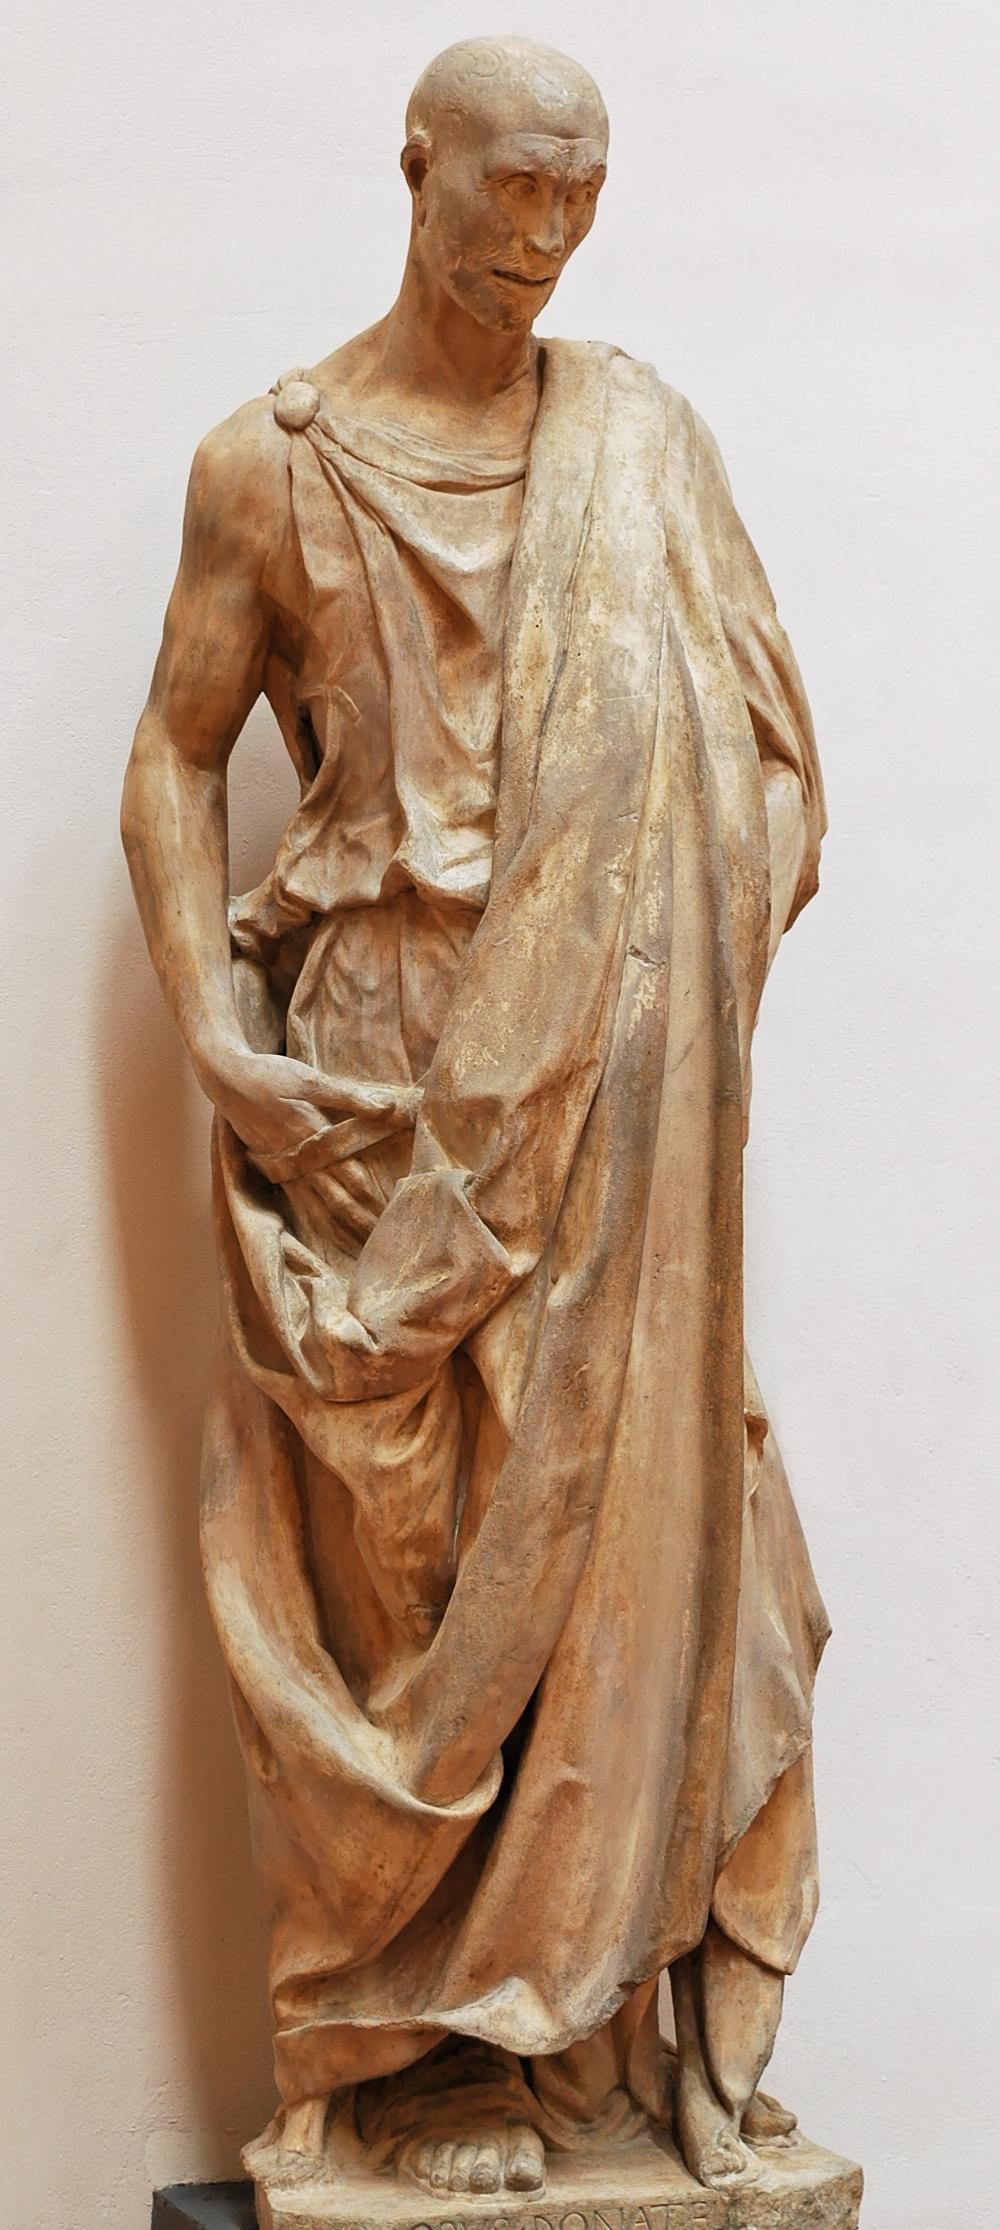 Jan 19 - Habakkuk 2 - ARTS - Zuccone_Donatello_OPA_Florence